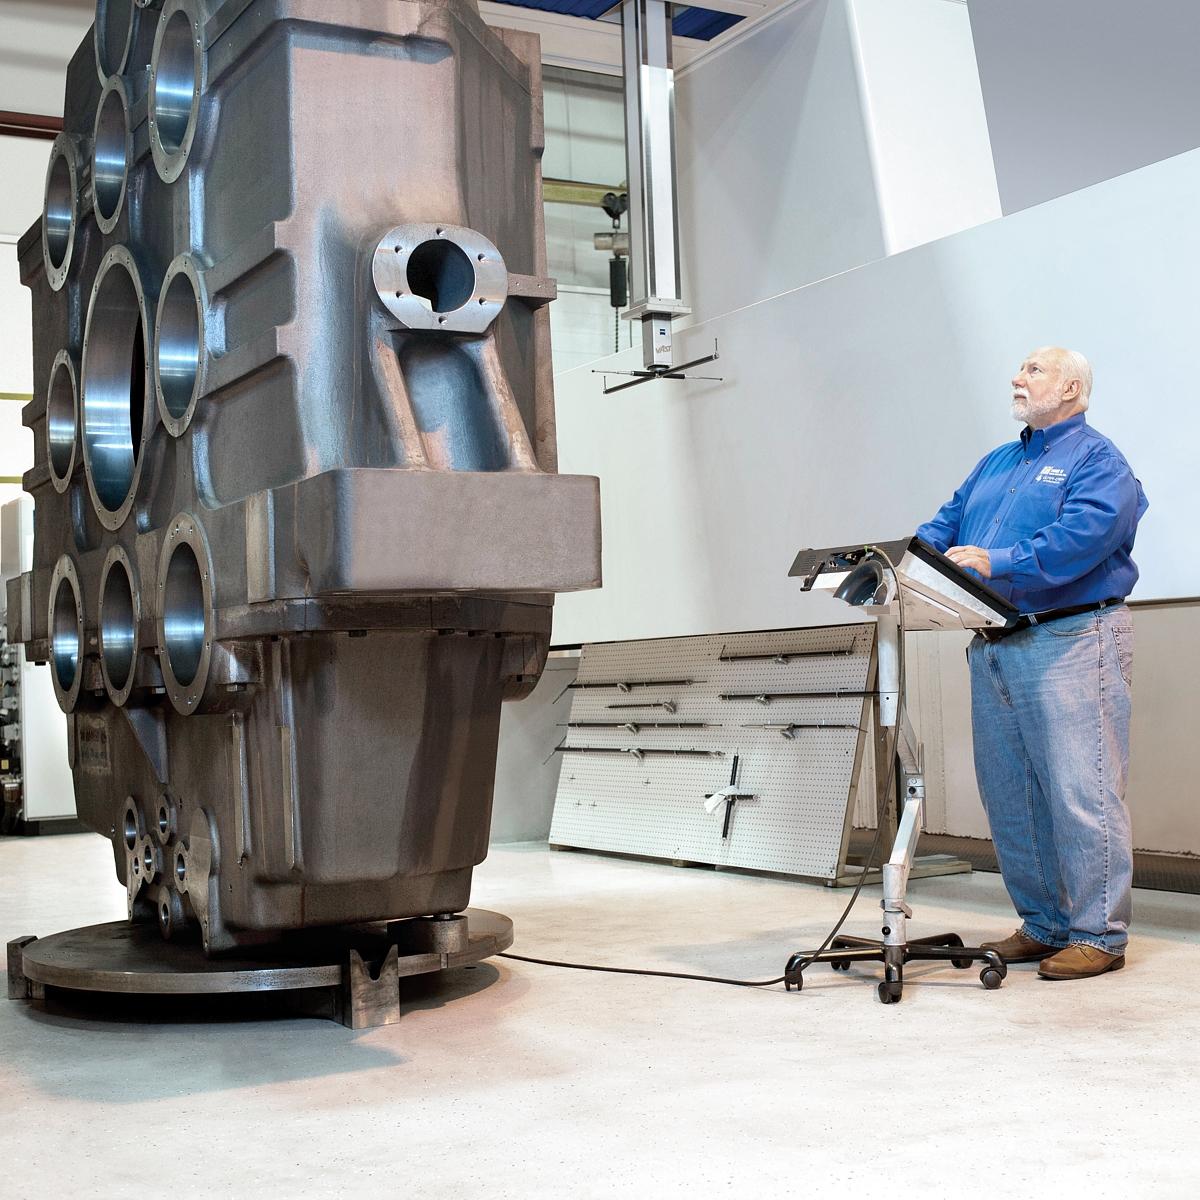 three m tool and machine